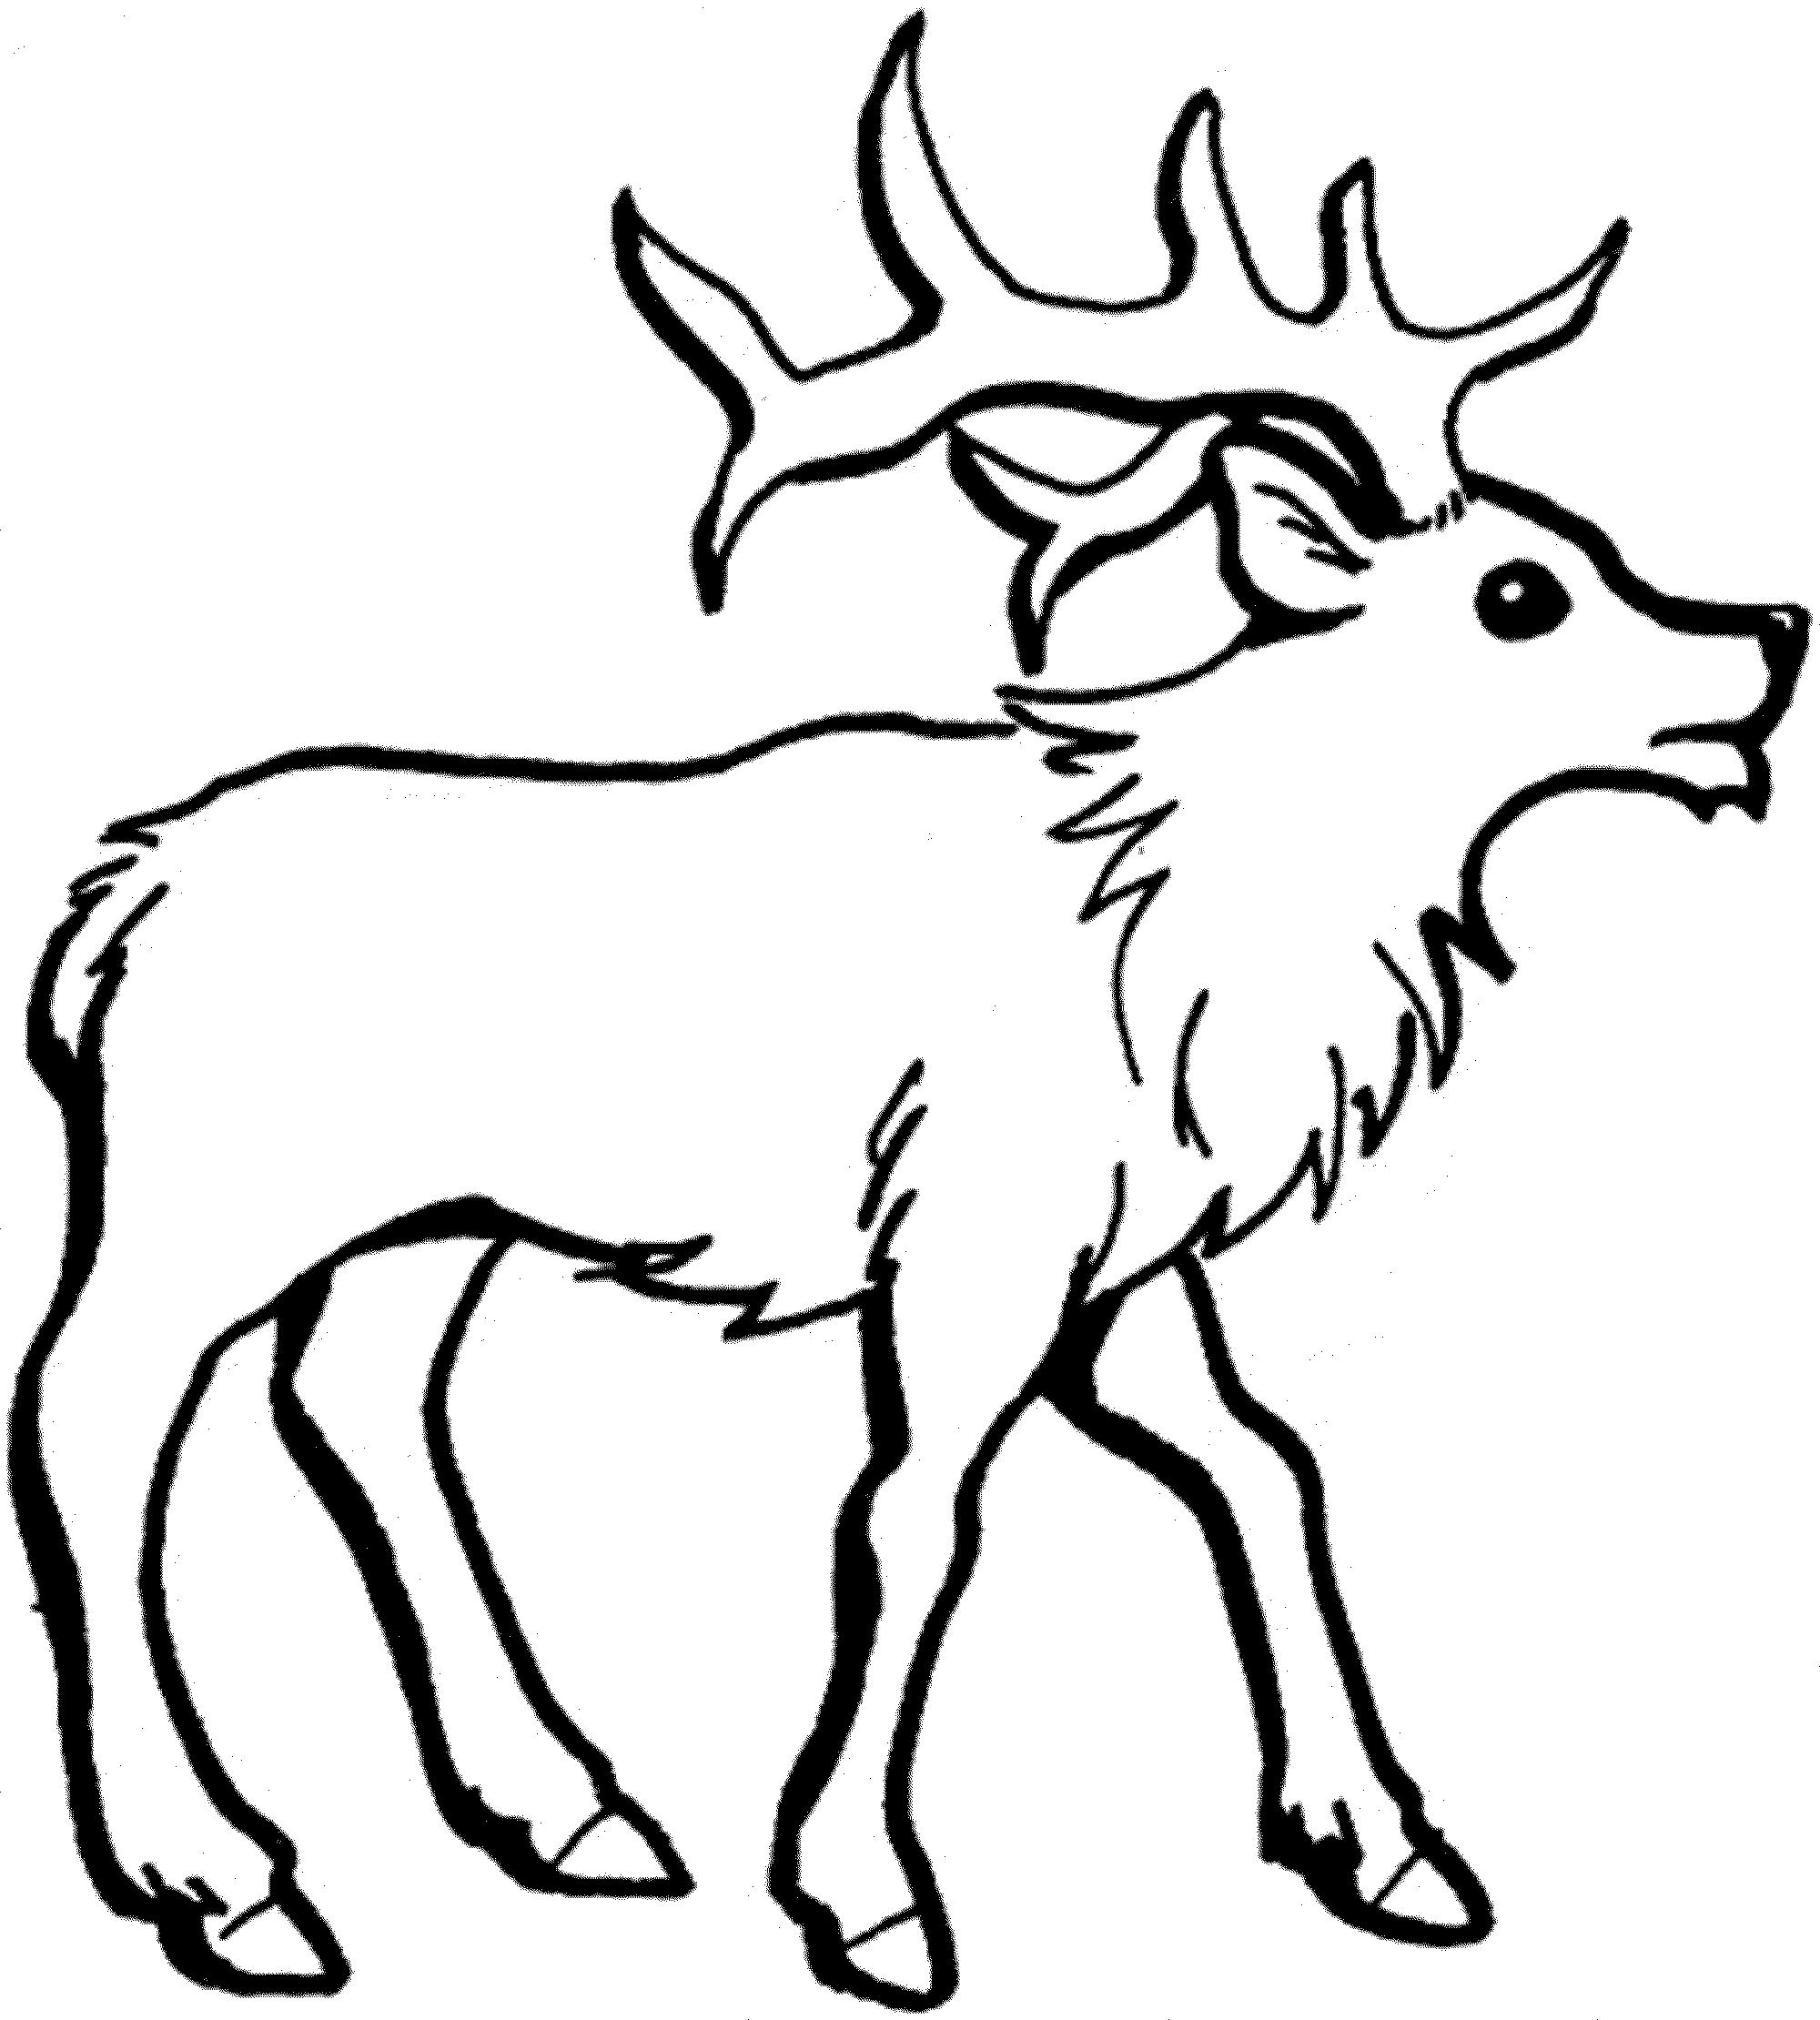 2000x2220 Reindeer Printable Coloring Pages